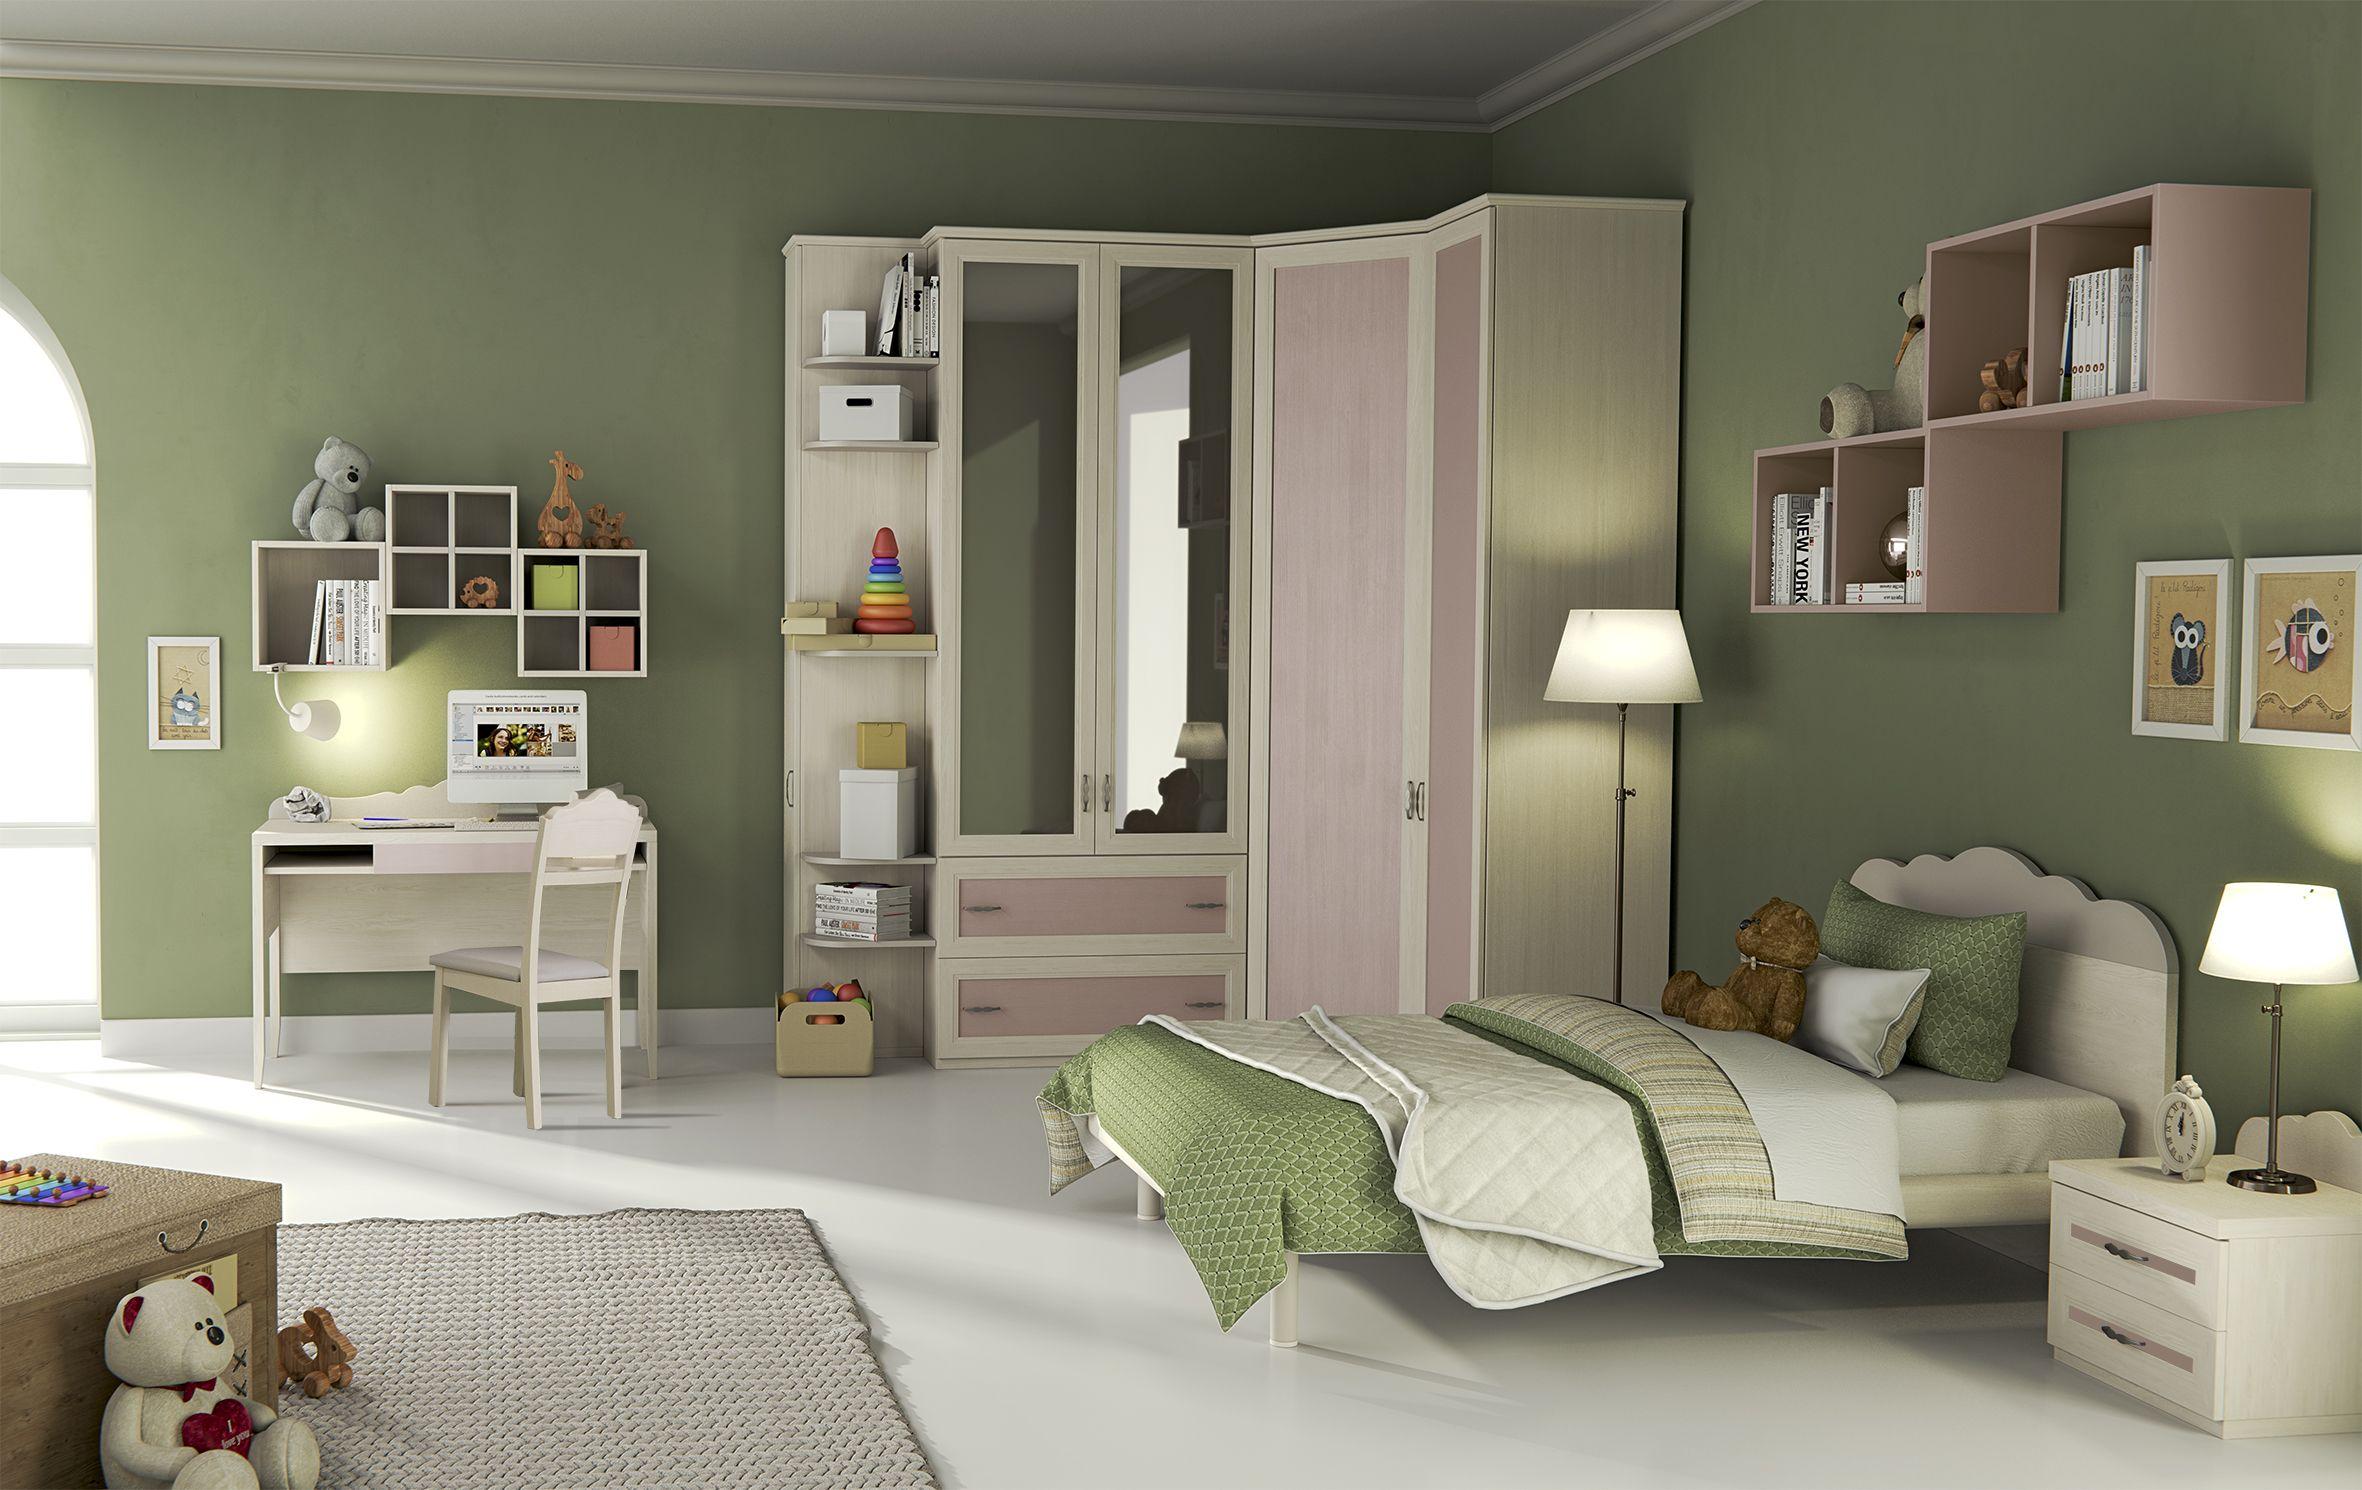 Camerette Lusso ~ Old è la nuova linea di camerette proposta da giessegi e presenta